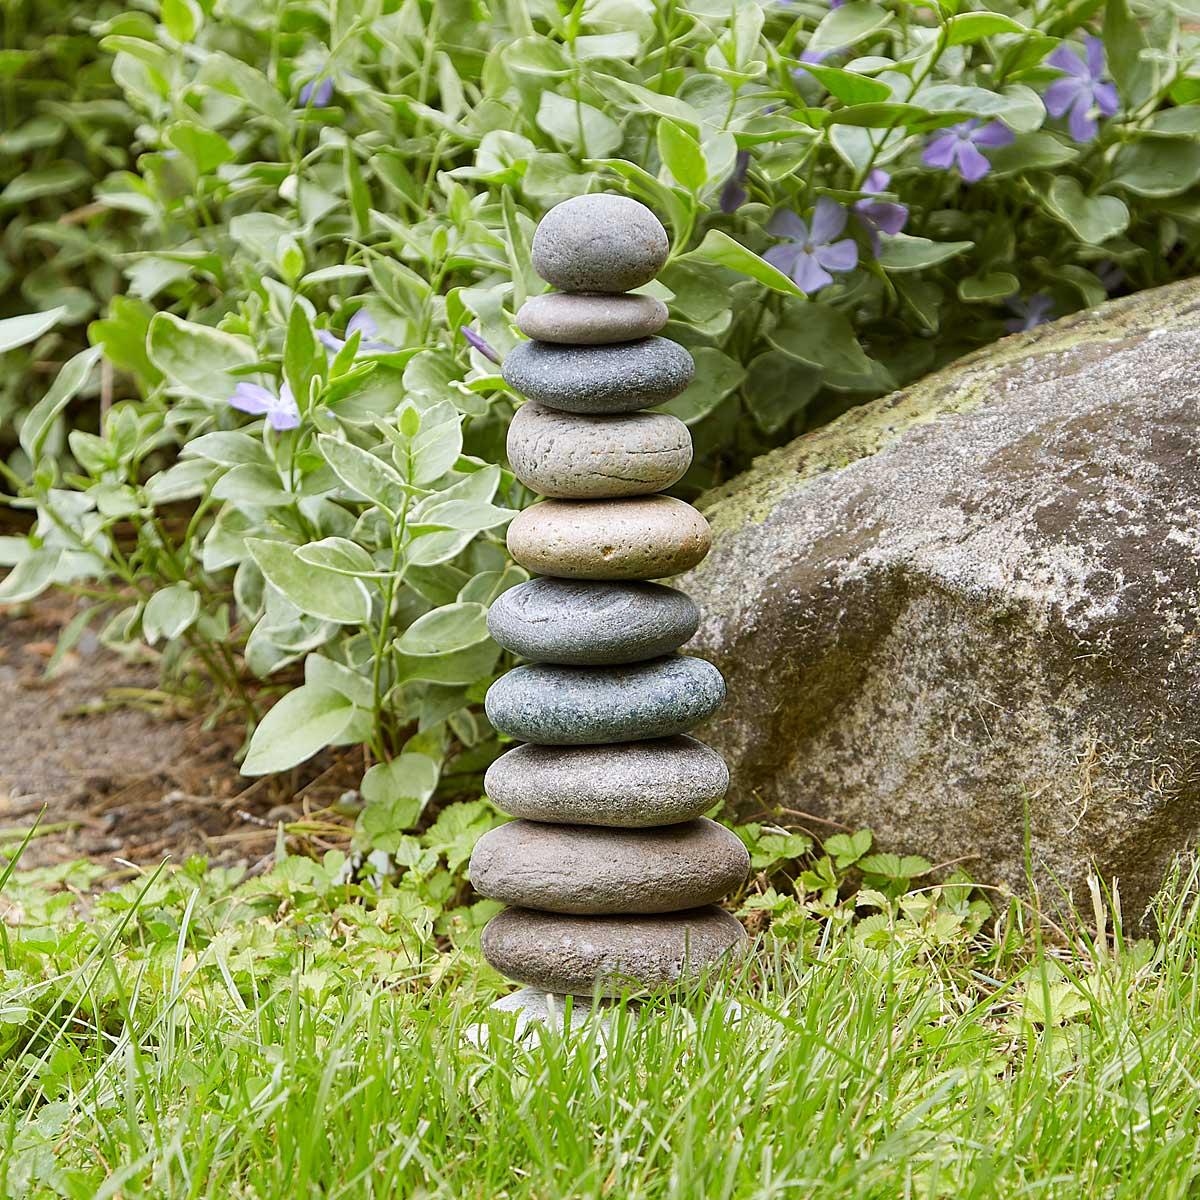 Garden Cairn | Handmade Rock Sculpture | UncommonGoods